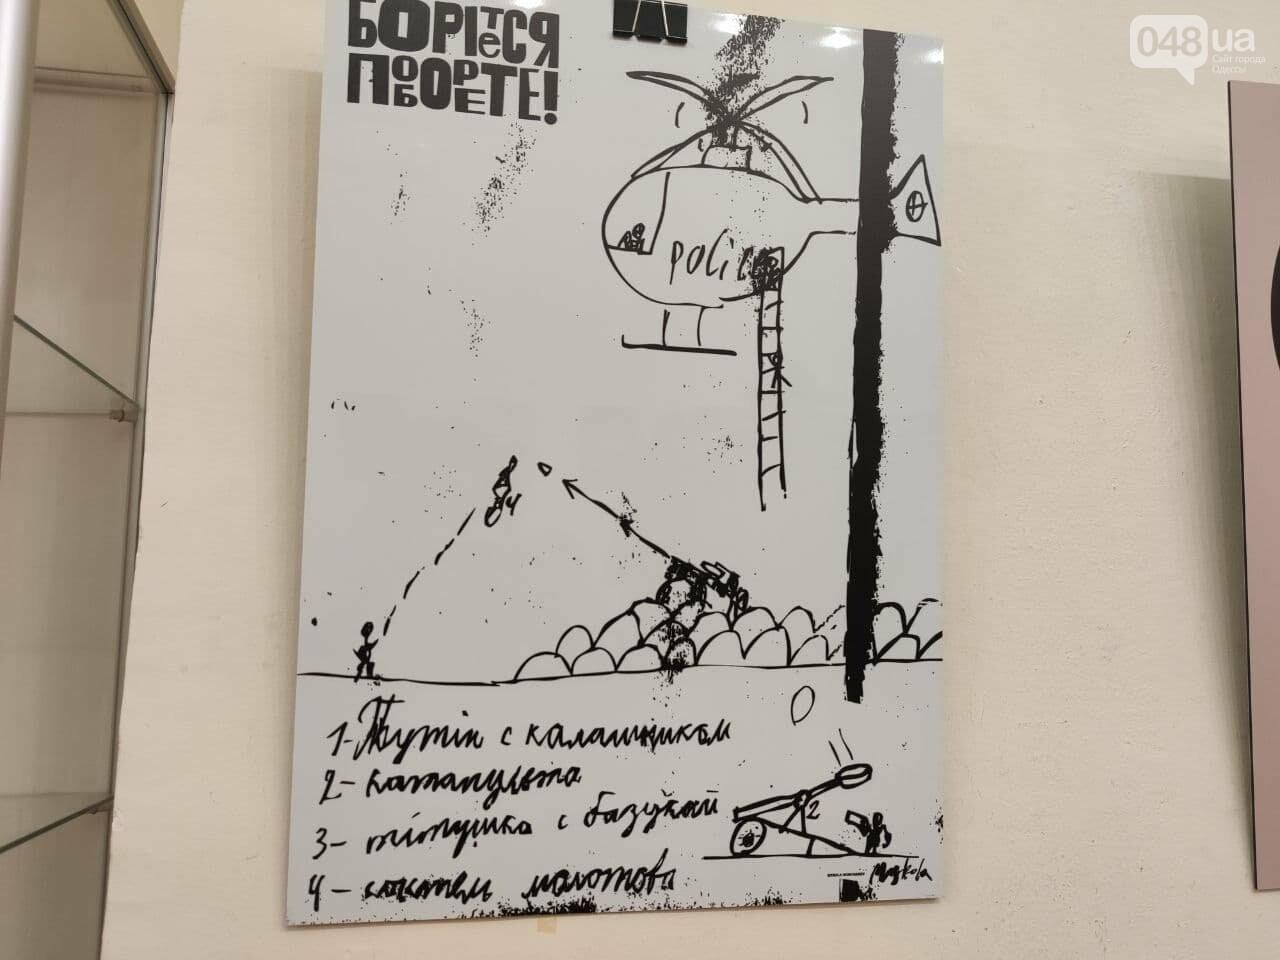 Рефлексия на события Майдана: в Одессе открылась выставка ко Дню Достоинства и Свободы, - ФОТОРЕПОТАЖ, фото-6